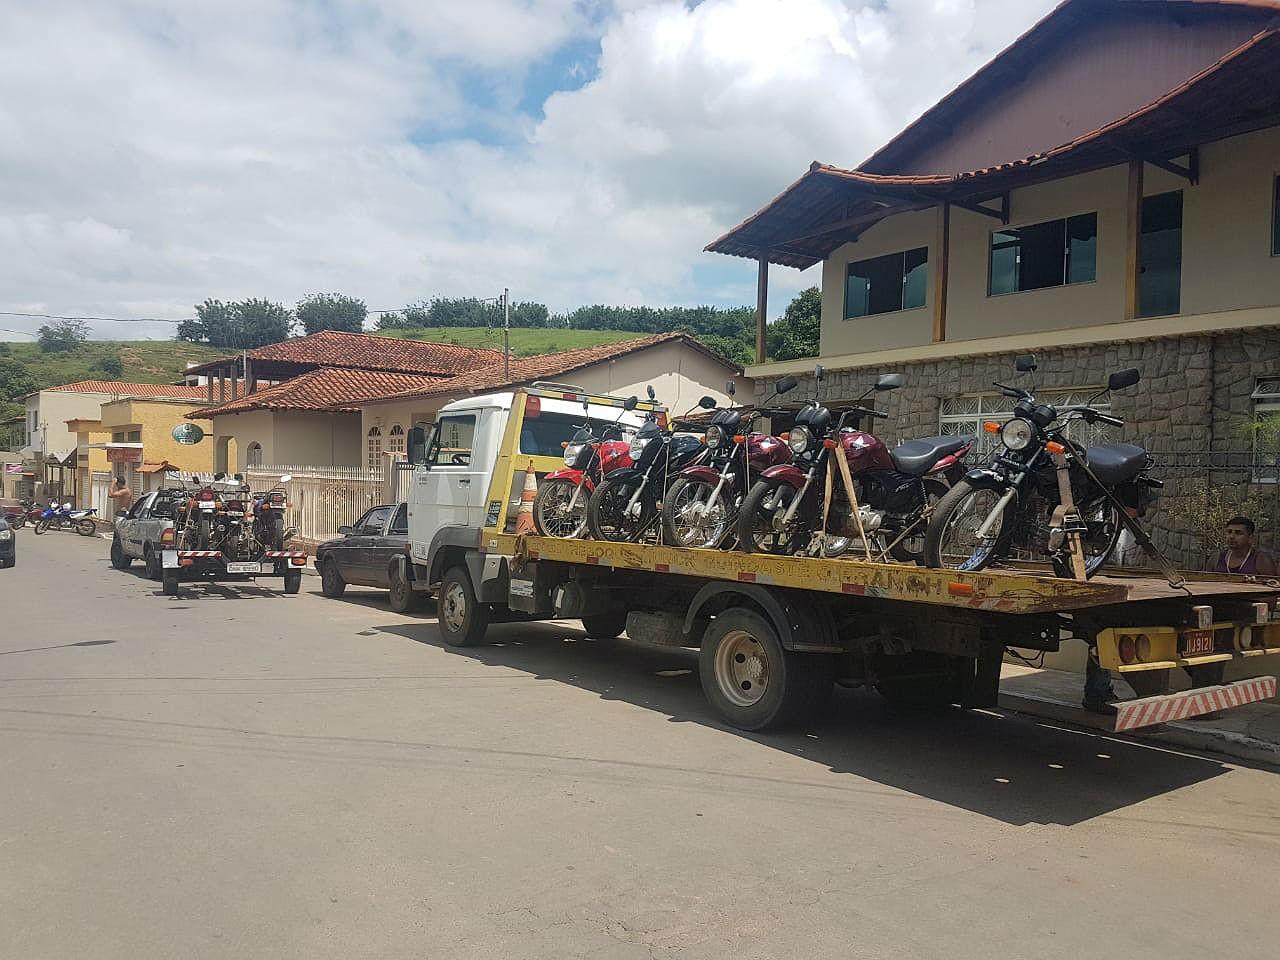 Grupo é detido por direção perigosa e corrupção de menores em Guidoval - Noticias